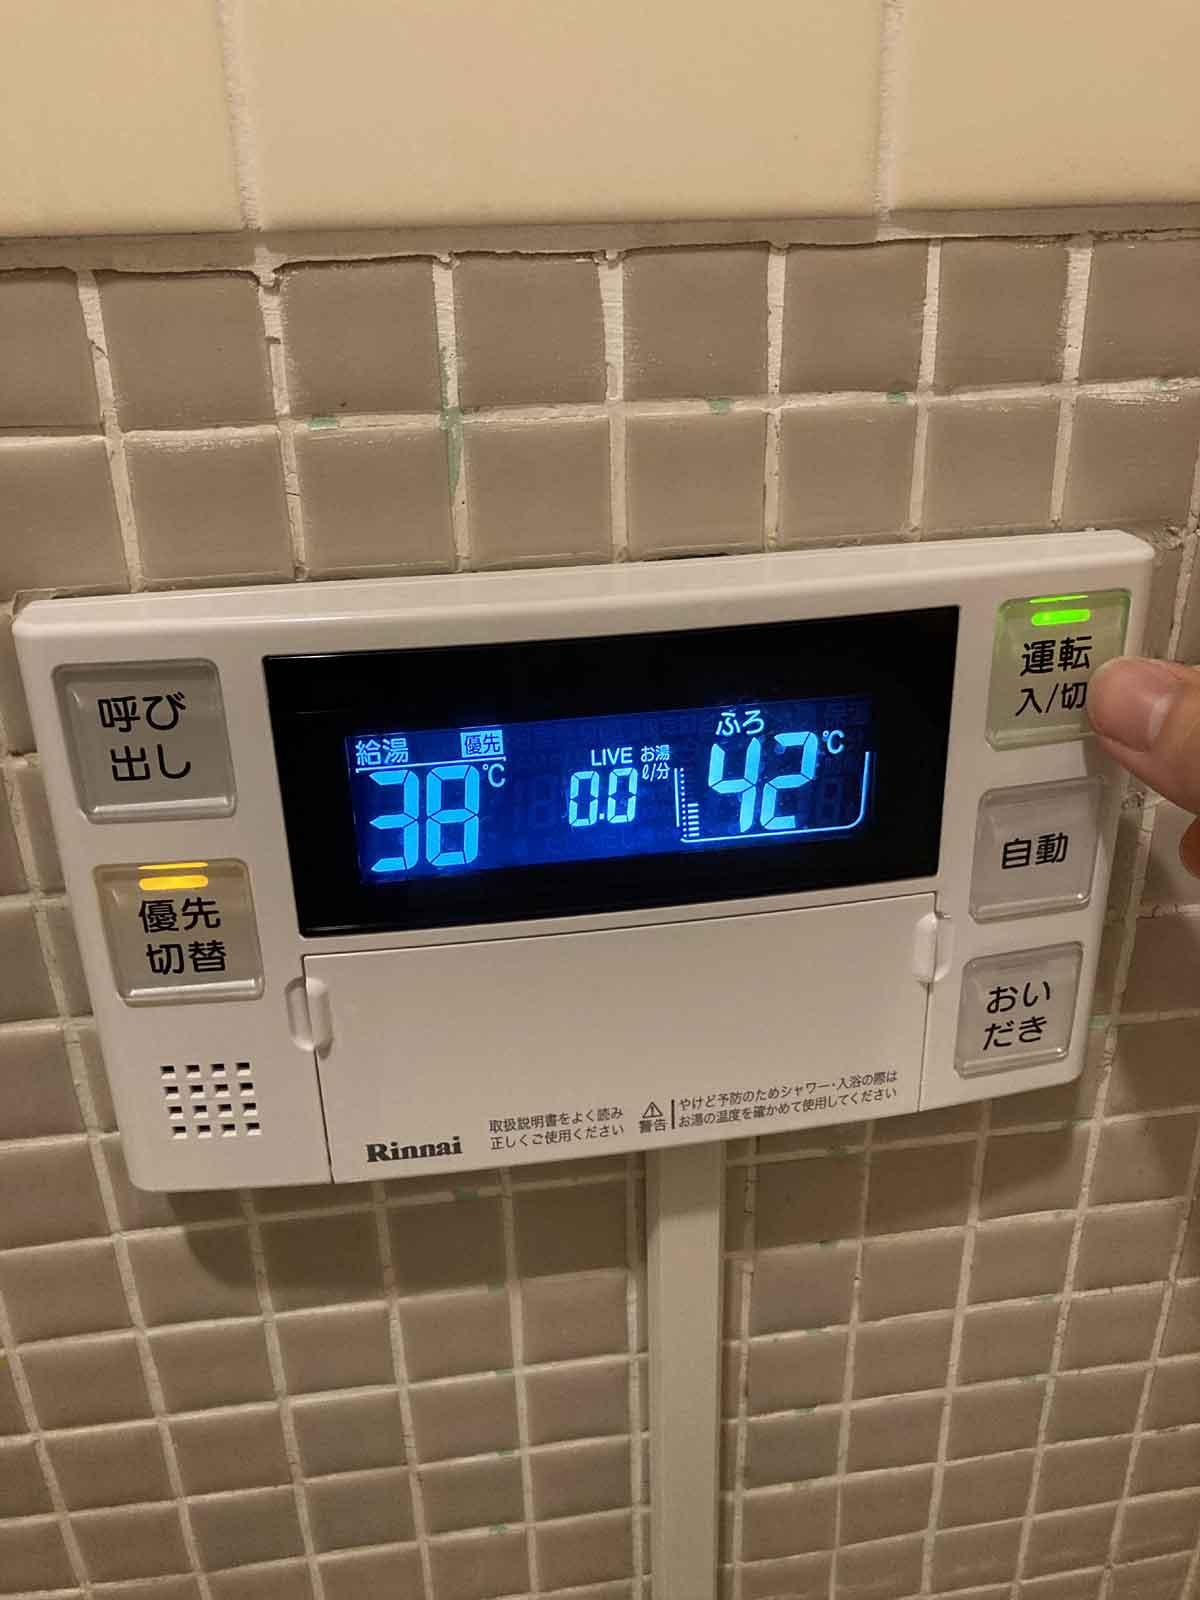 給湯コントローラーの電源をON